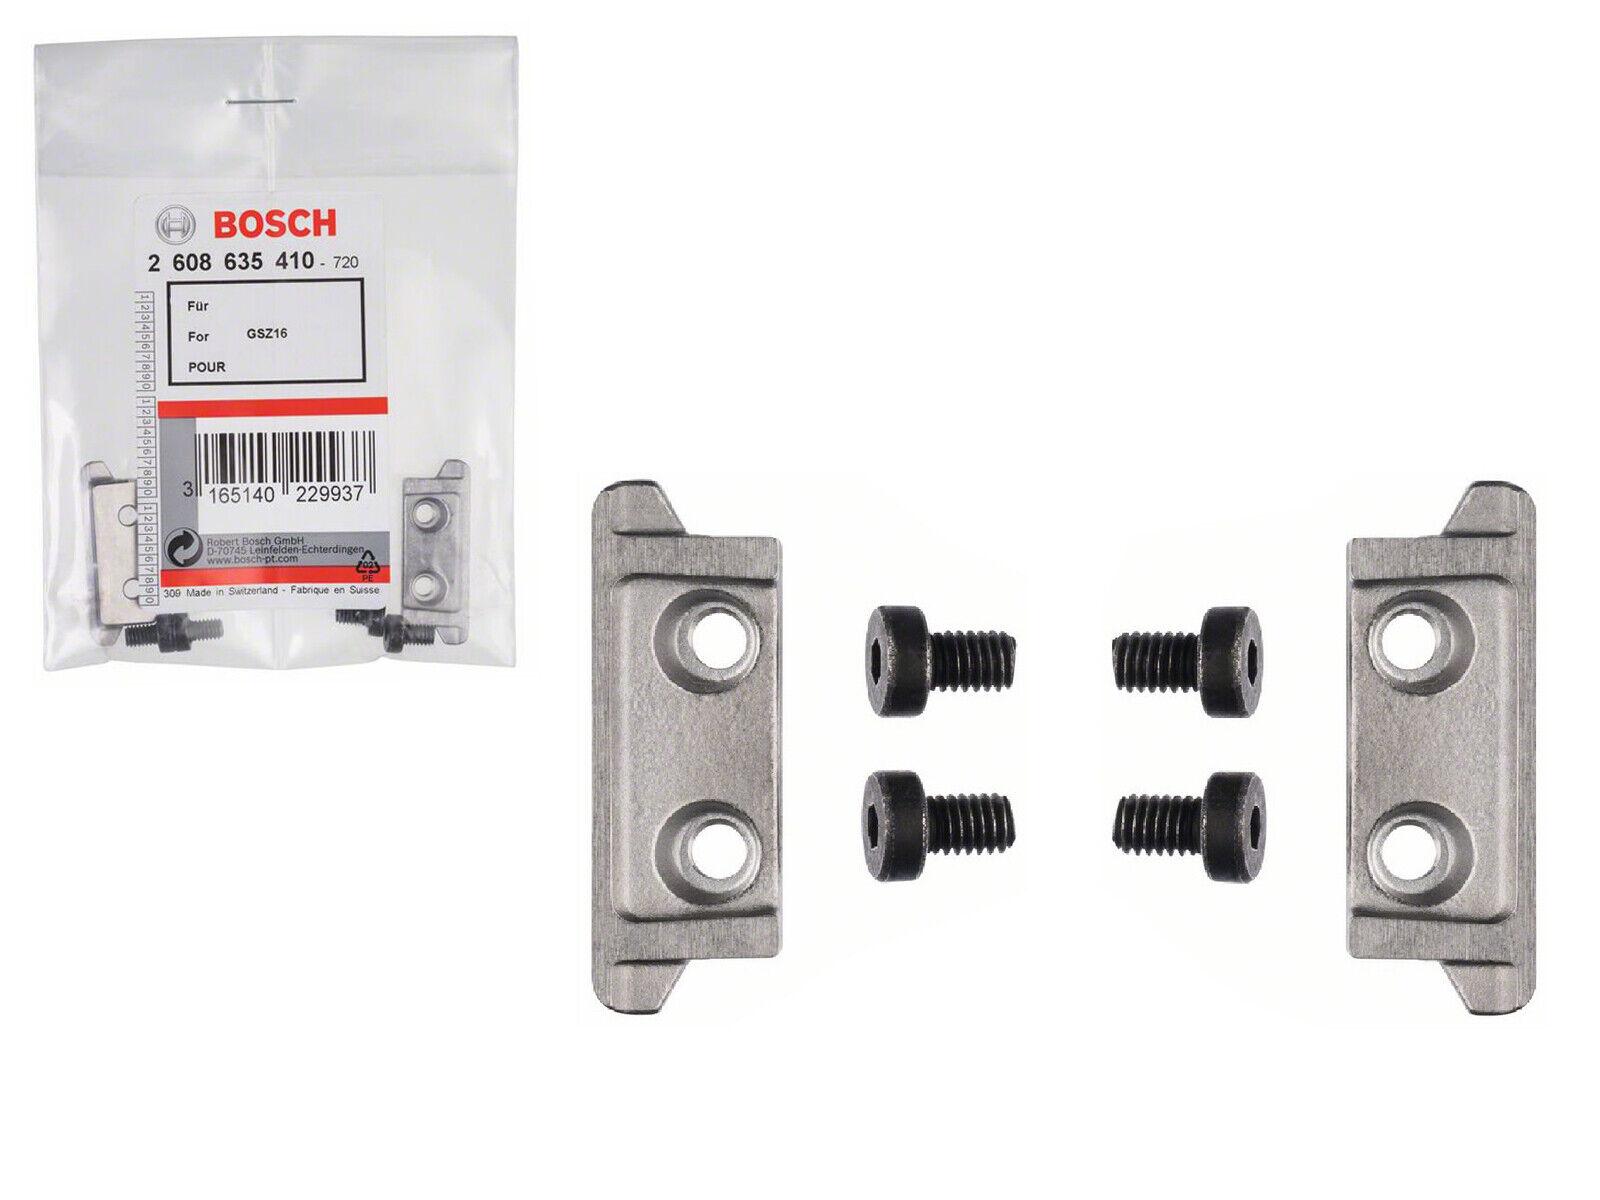 Bosch Schneidleistenset 2608635410 2 Schneidleisten 4 Schrauben für GSZ 160